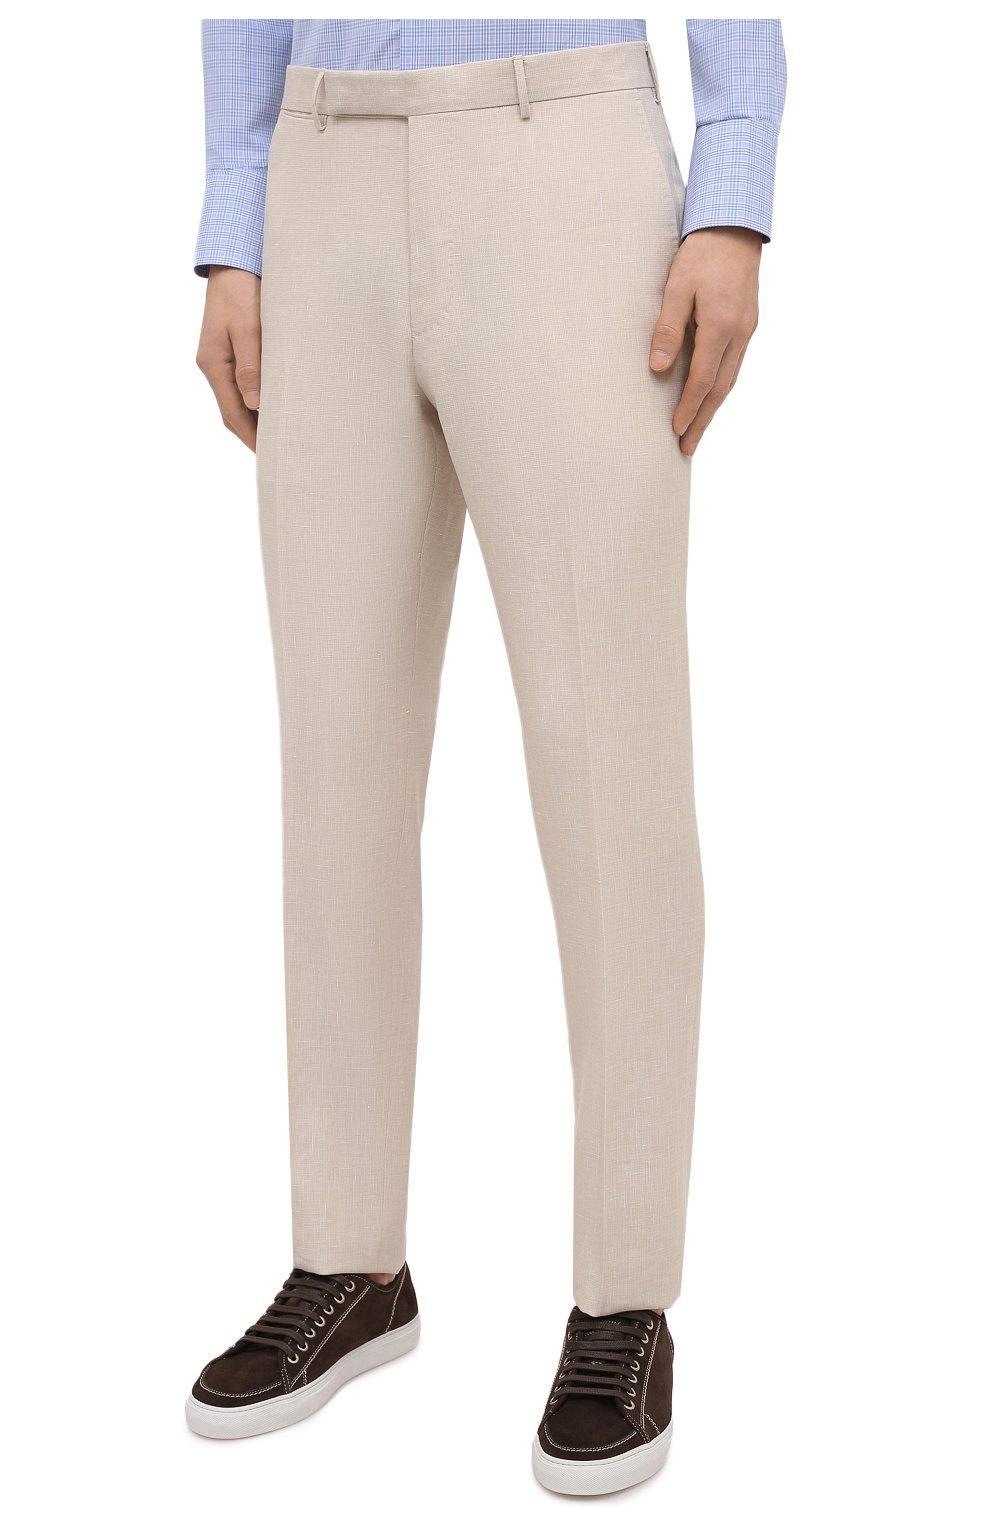 Мужские брюки из шерсти и льна ERMENEGILDO ZEGNA светло-бежевого цвета, арт. 915F01/75TB12   Фото 3 (Материал внешний: Шерсть, Лен; Длина (брюки, джинсы): Стандартные; Случай: Повседневный; Материал подклада: Вискоза; Стили: Кэжуэл)